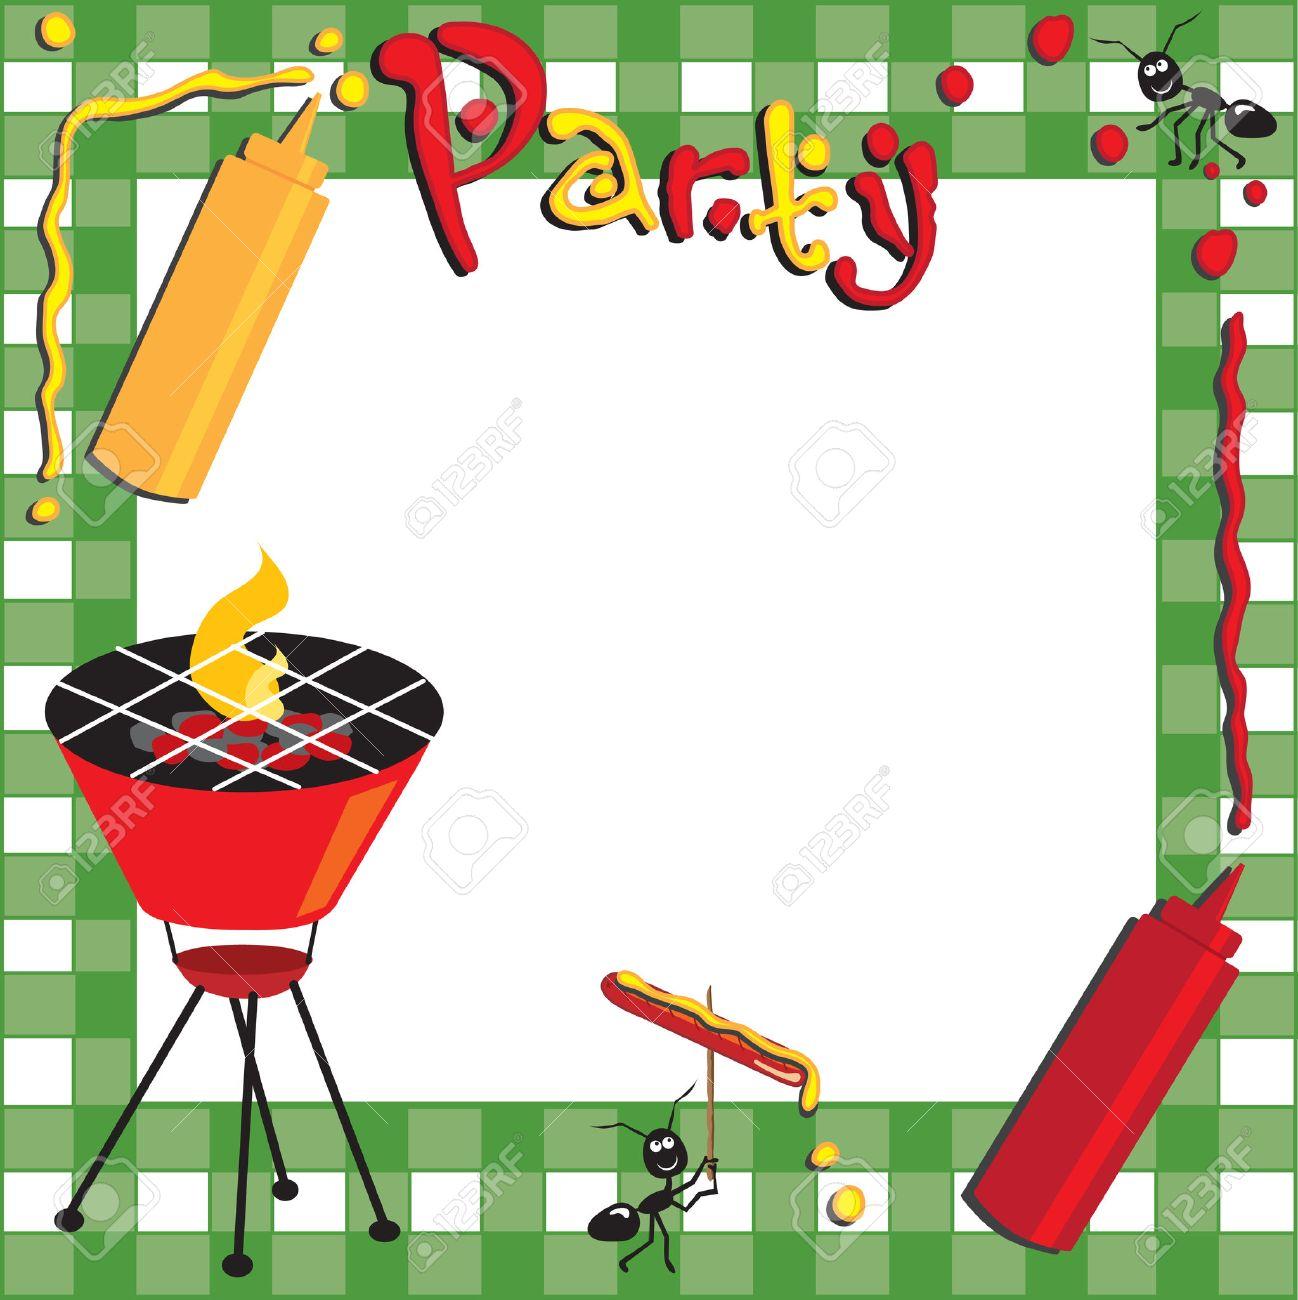 picknick und grill-einladung lizenzfrei nutzbare vektorgrafiken, Einladung